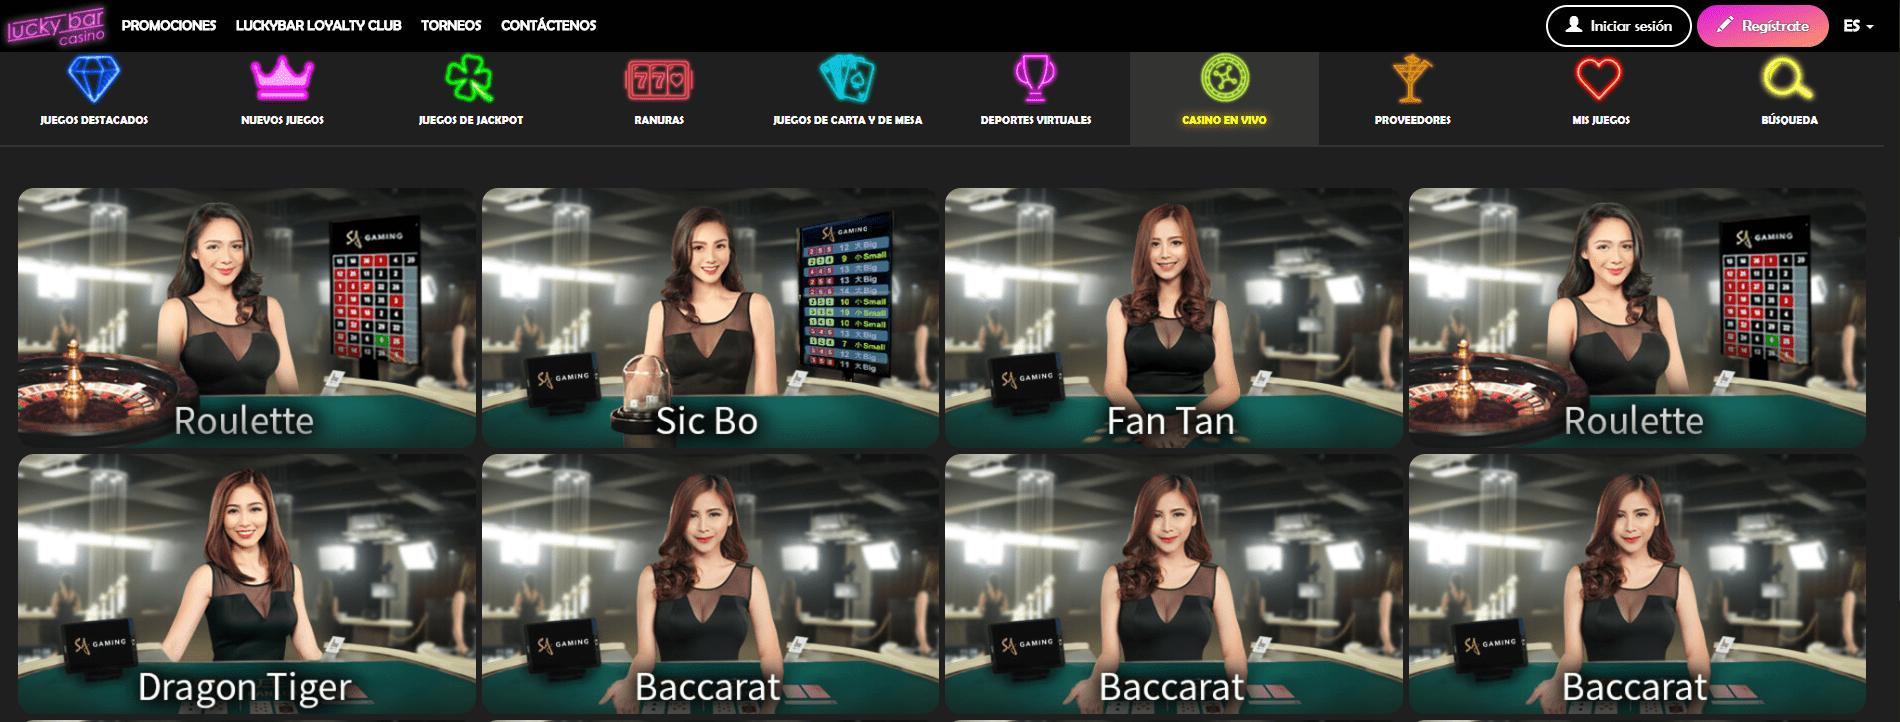 salas en vivo lucky bar casino